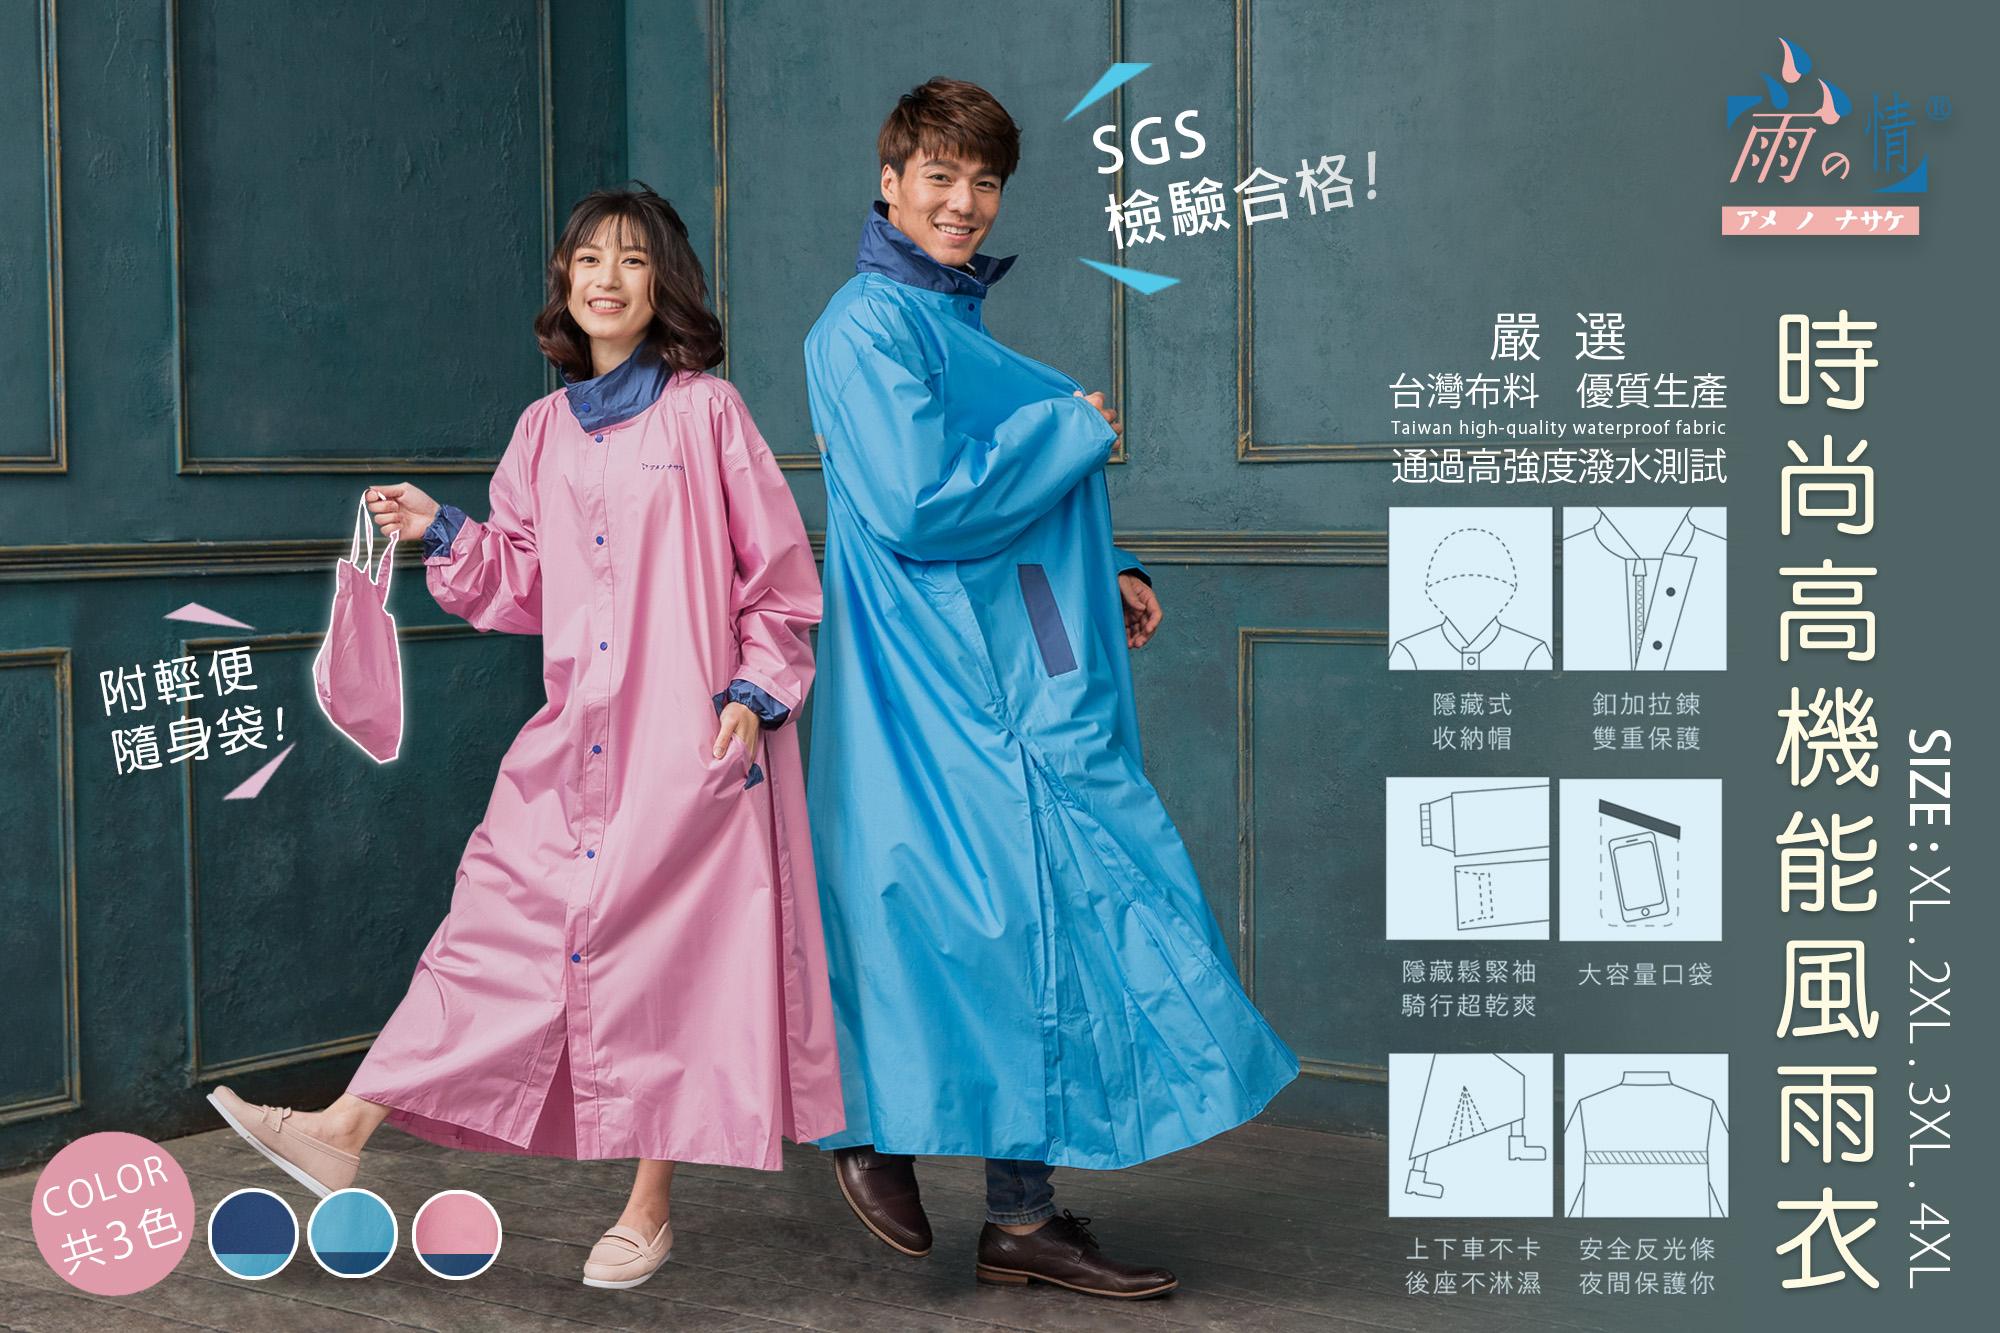 時尚高機能風雨衣 拚色搭配共3色 (SGS檢驗合格!)